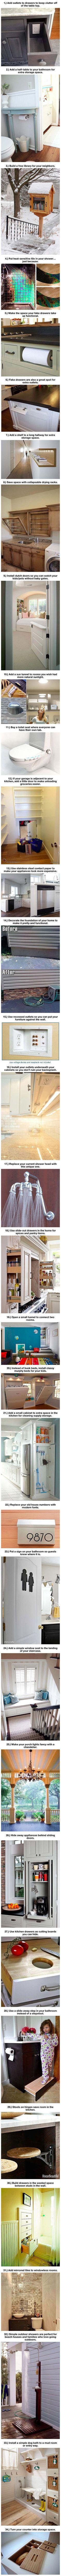 34 coisas legais Geeks podem fazer para tornar a sua casa extremamente impressionante